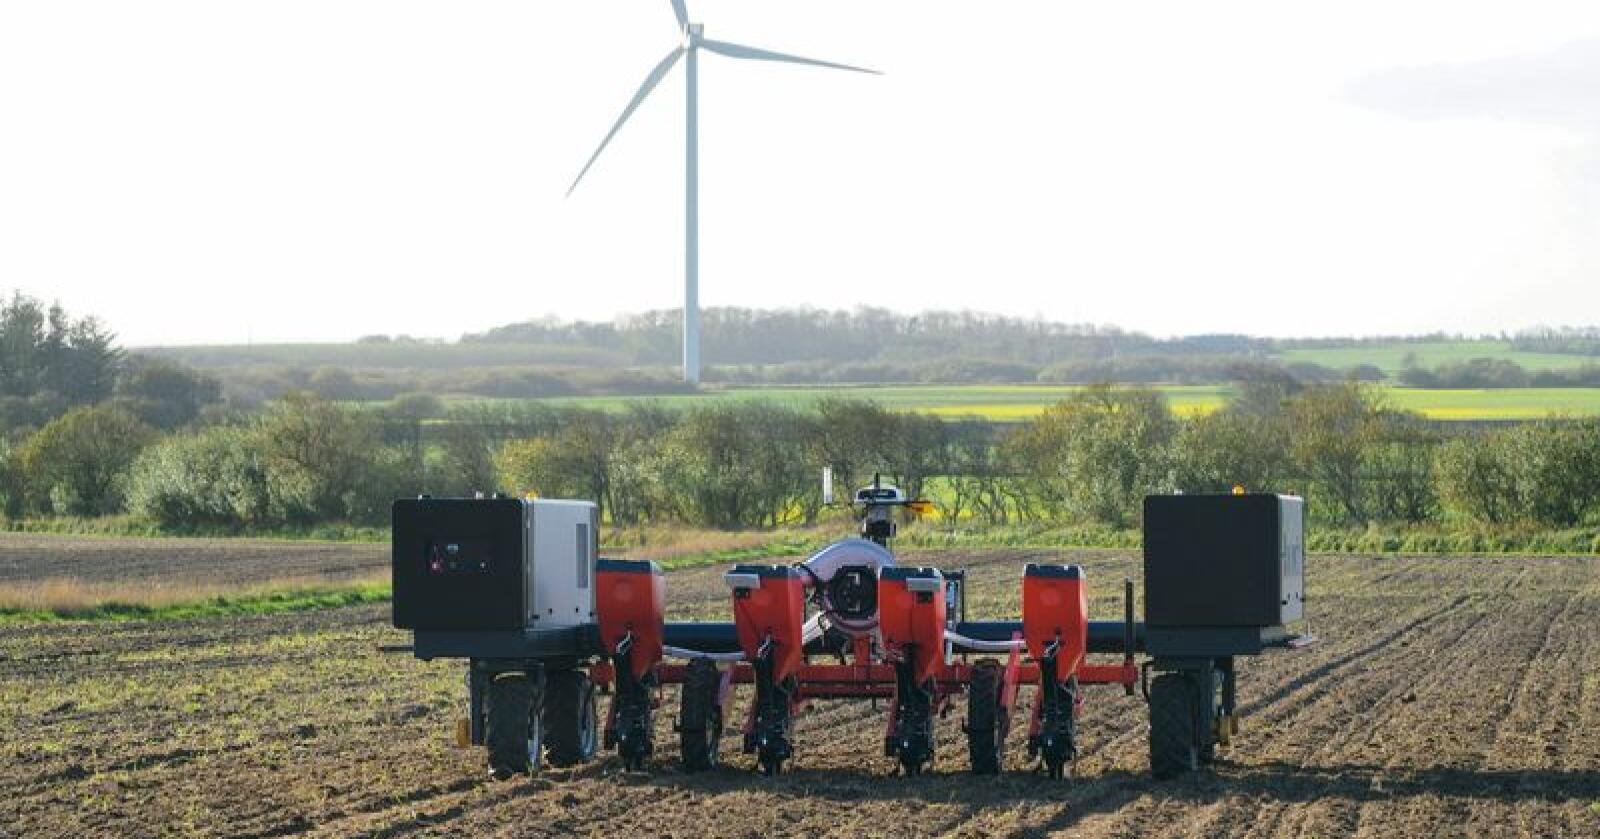 Agrointelli regner med å ha ti Robotti-roboter i arbeid hos danske kunder denne sesongen. Foto: Agrointelli